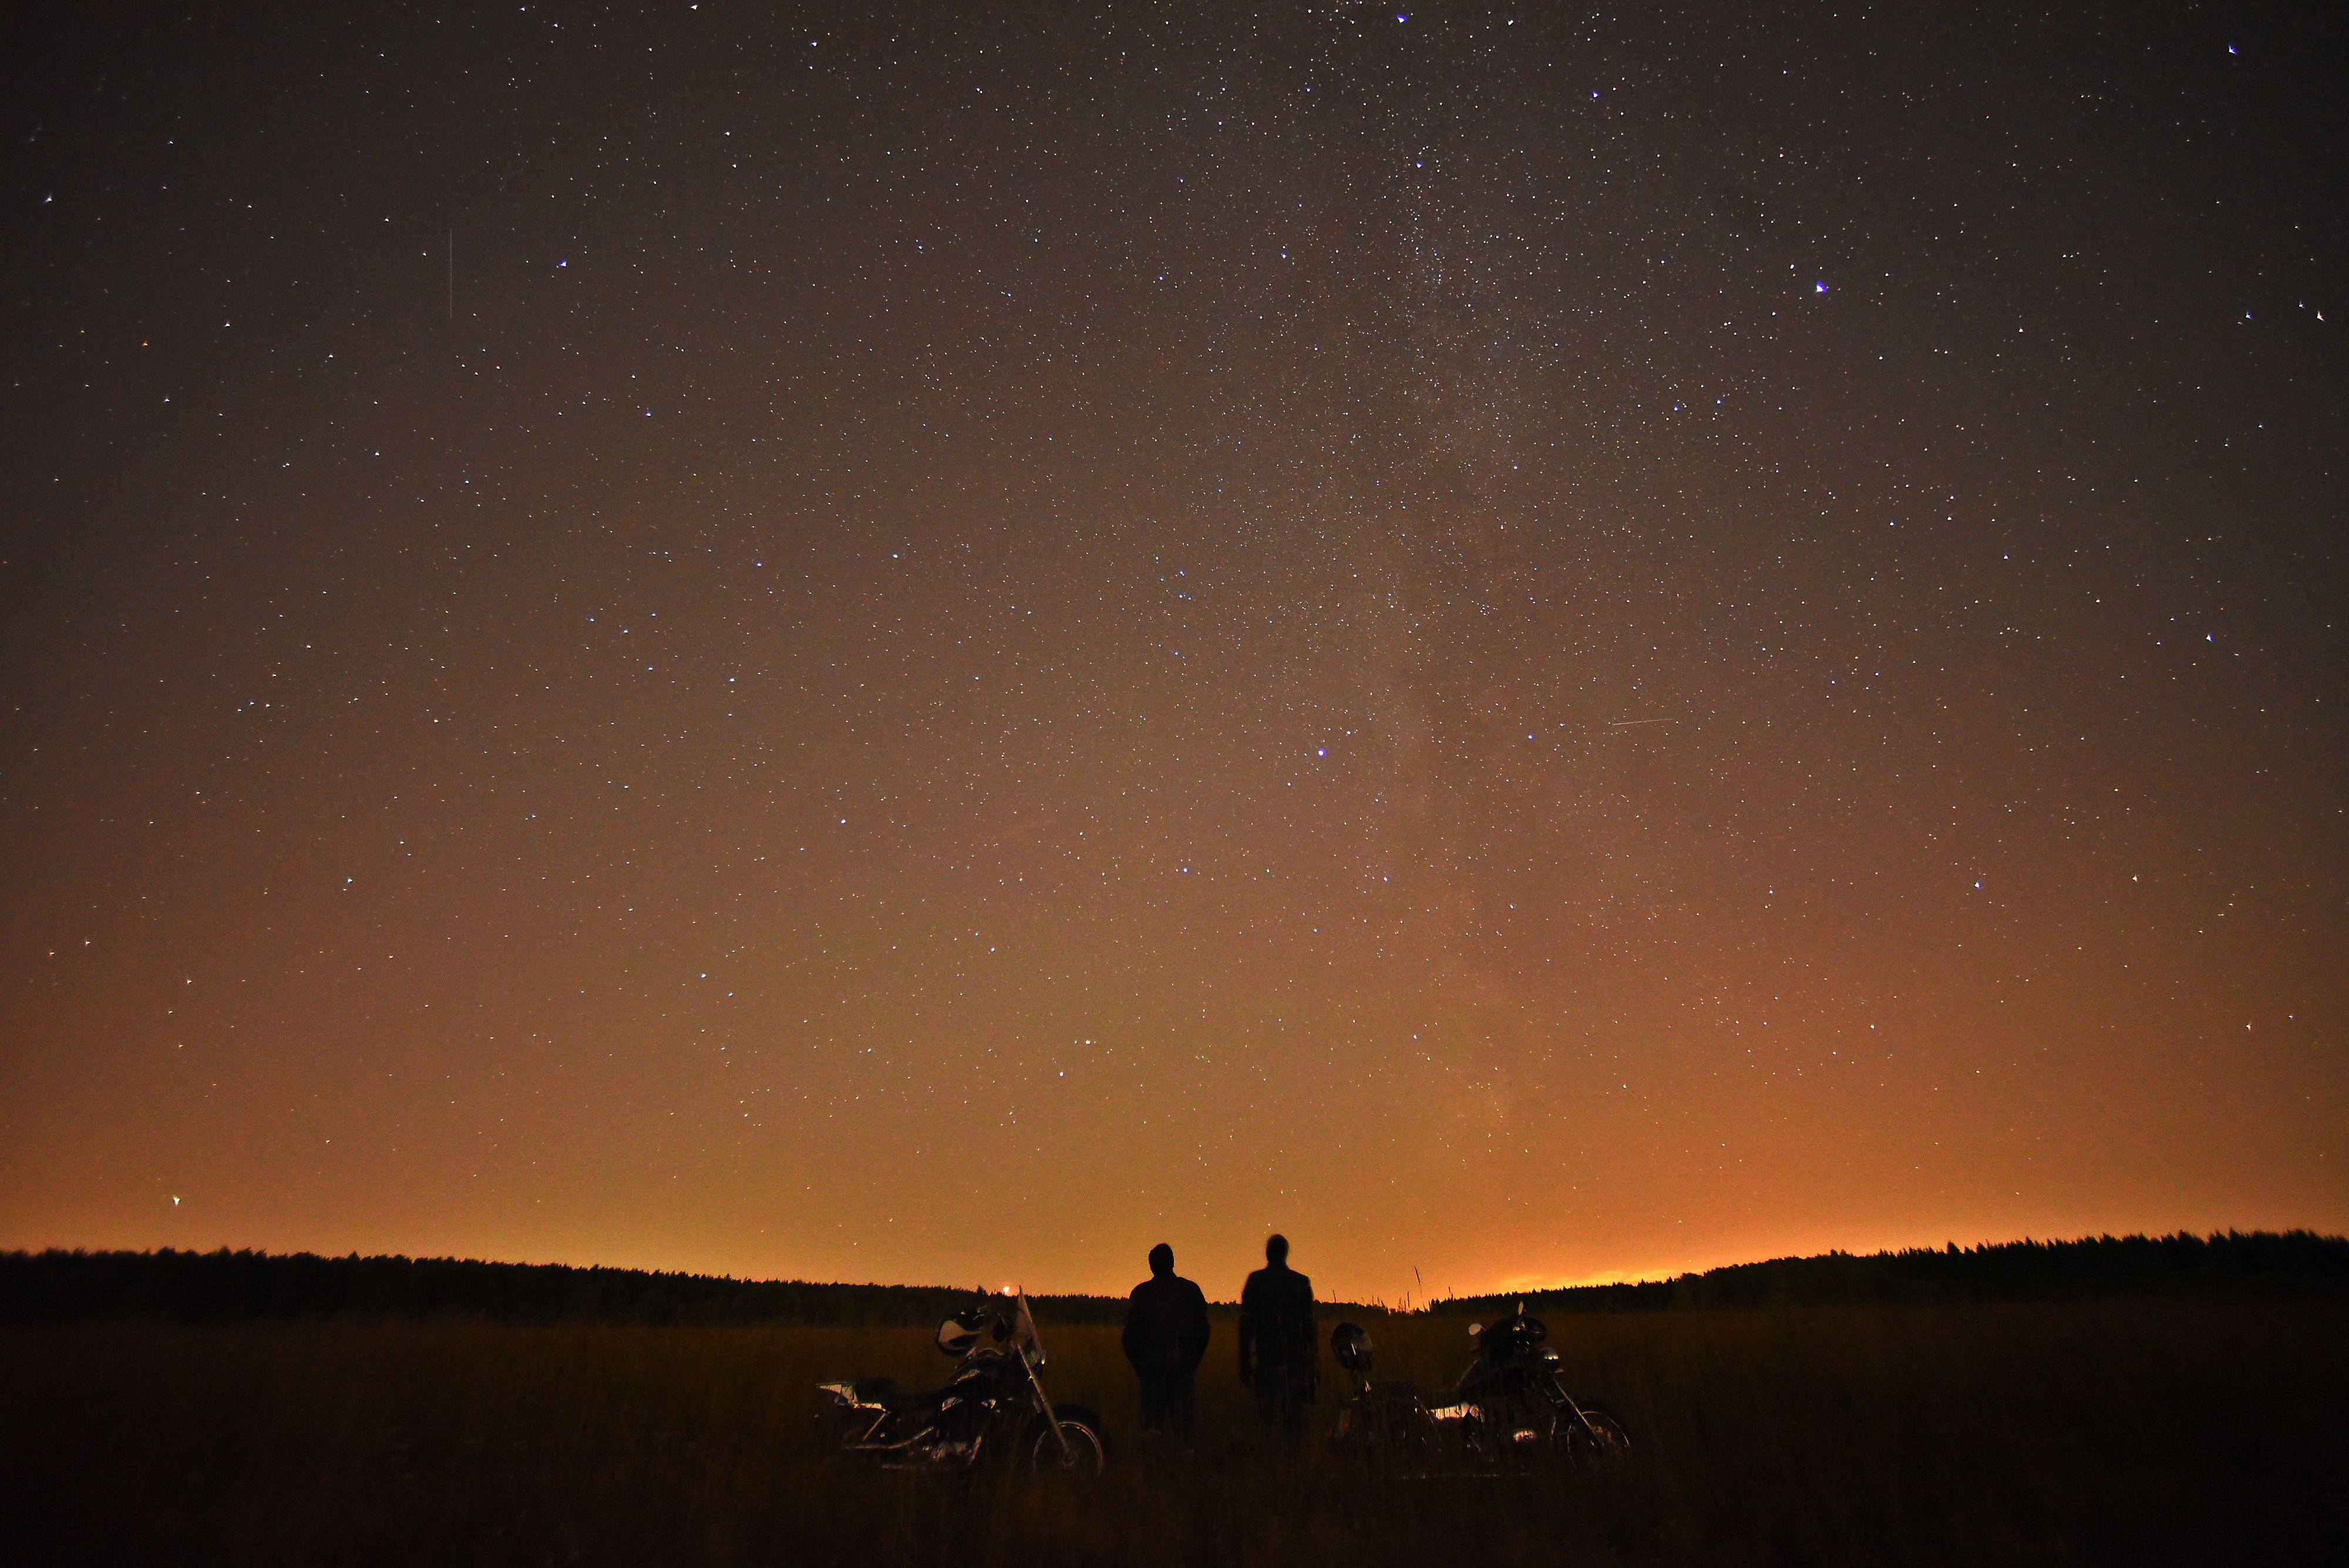 Апрель подарит москвичам первый звездопад весны